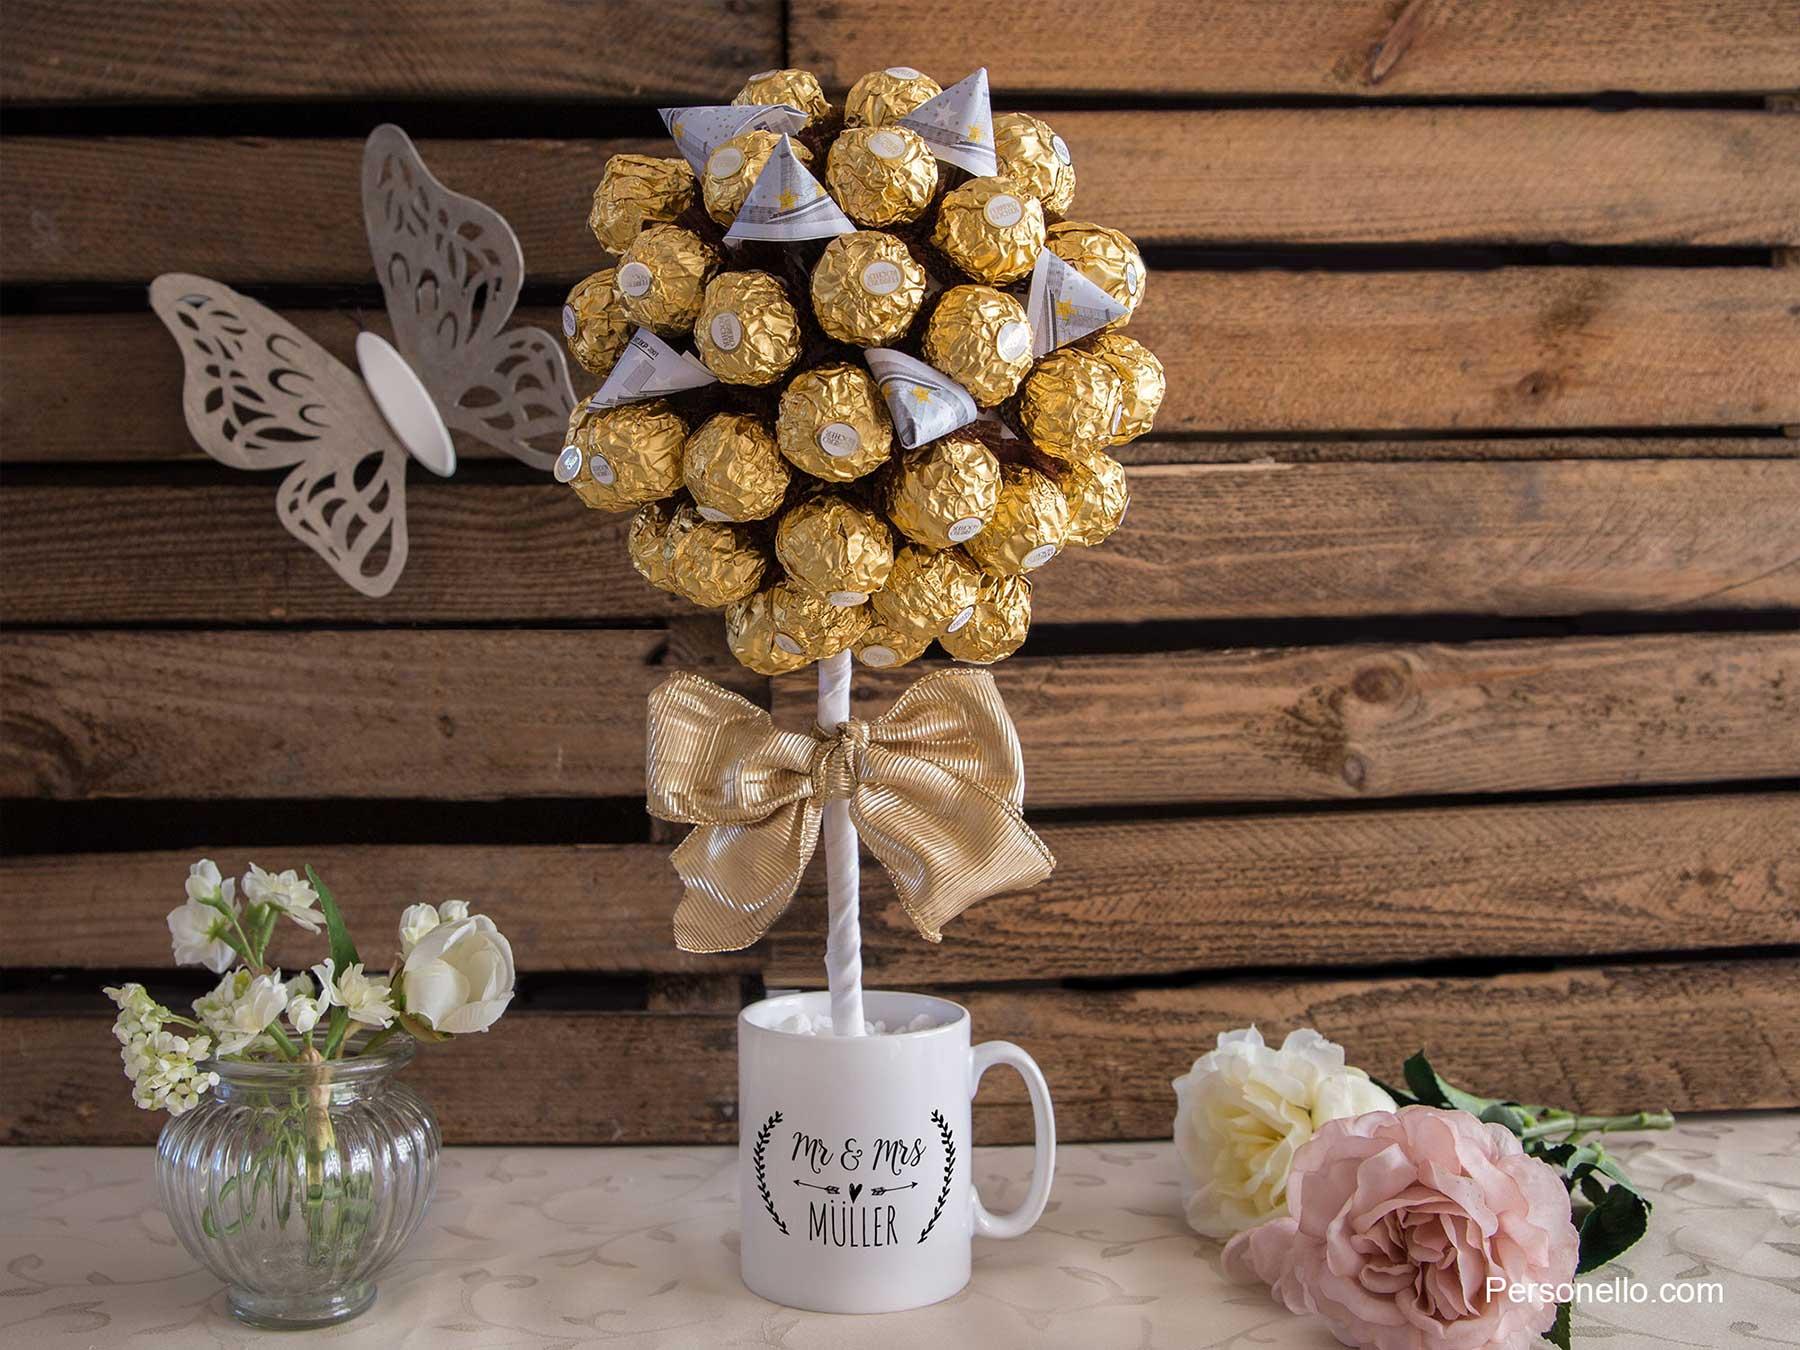 Rocher-Baum, mit Geld-Blüten